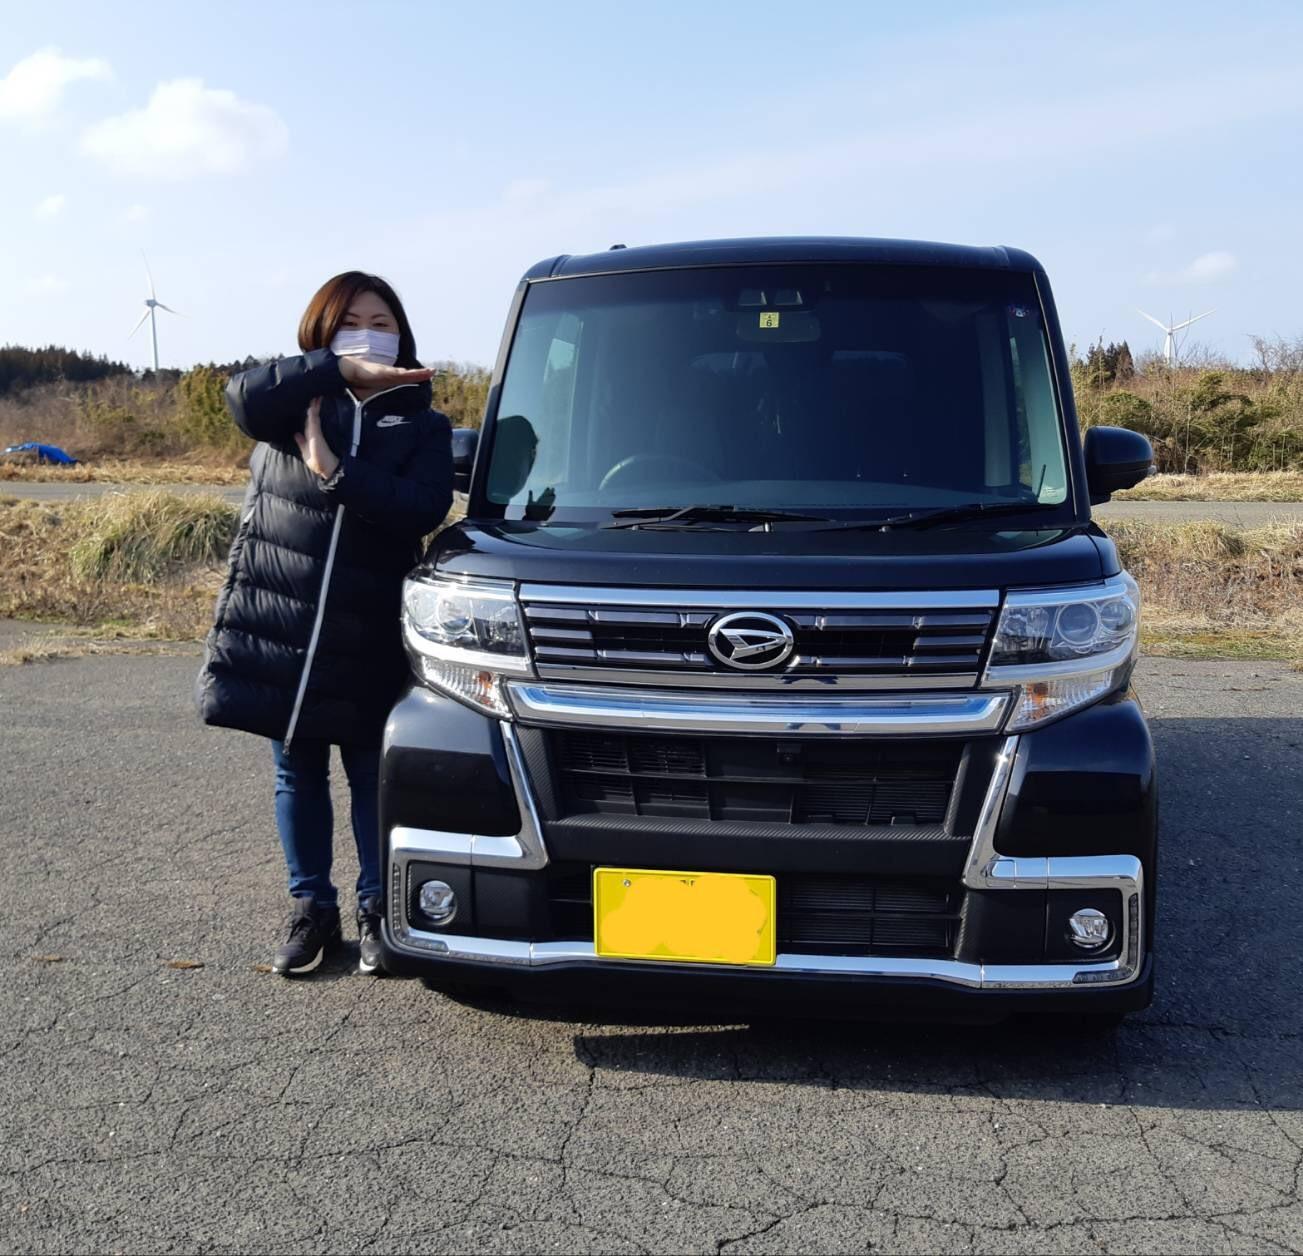 2月15日(土)T様タント納車✨ ランクル アルファード  ハマー TOMMY☆_b0127002_19354215.jpg